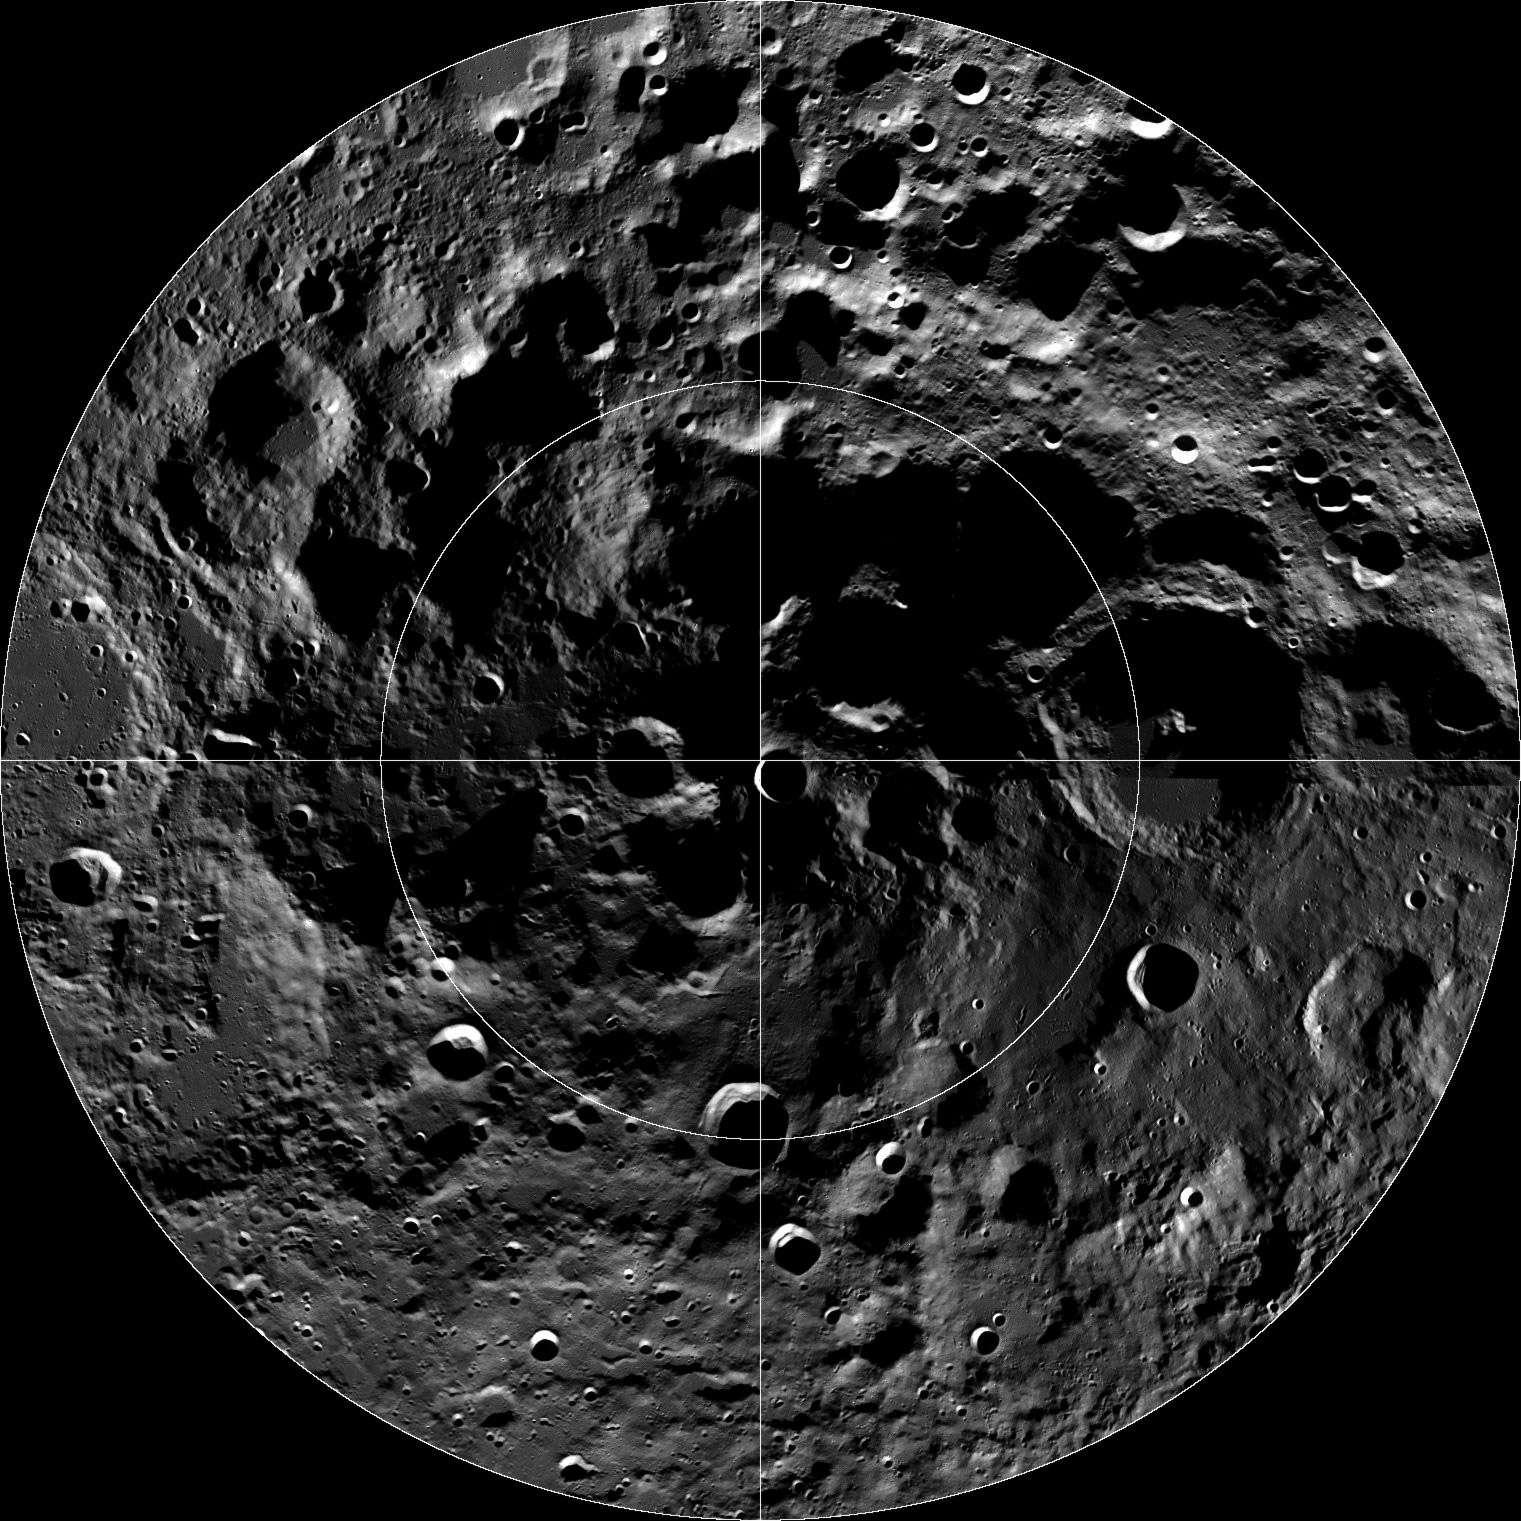 Malgré sa proximité, la Lune nous semble toujours aussi lointaine. Aucune agence spatiale ne planifie à ce jour le retour d'Hommes à sa surface. Seuls quelques pays ont un programme robotique d'exploration lunaire et deux d'entre eux, les États-Unis et la Chine, lanceront une mission en 2013. © Nasa, GSFC, Arizona State University